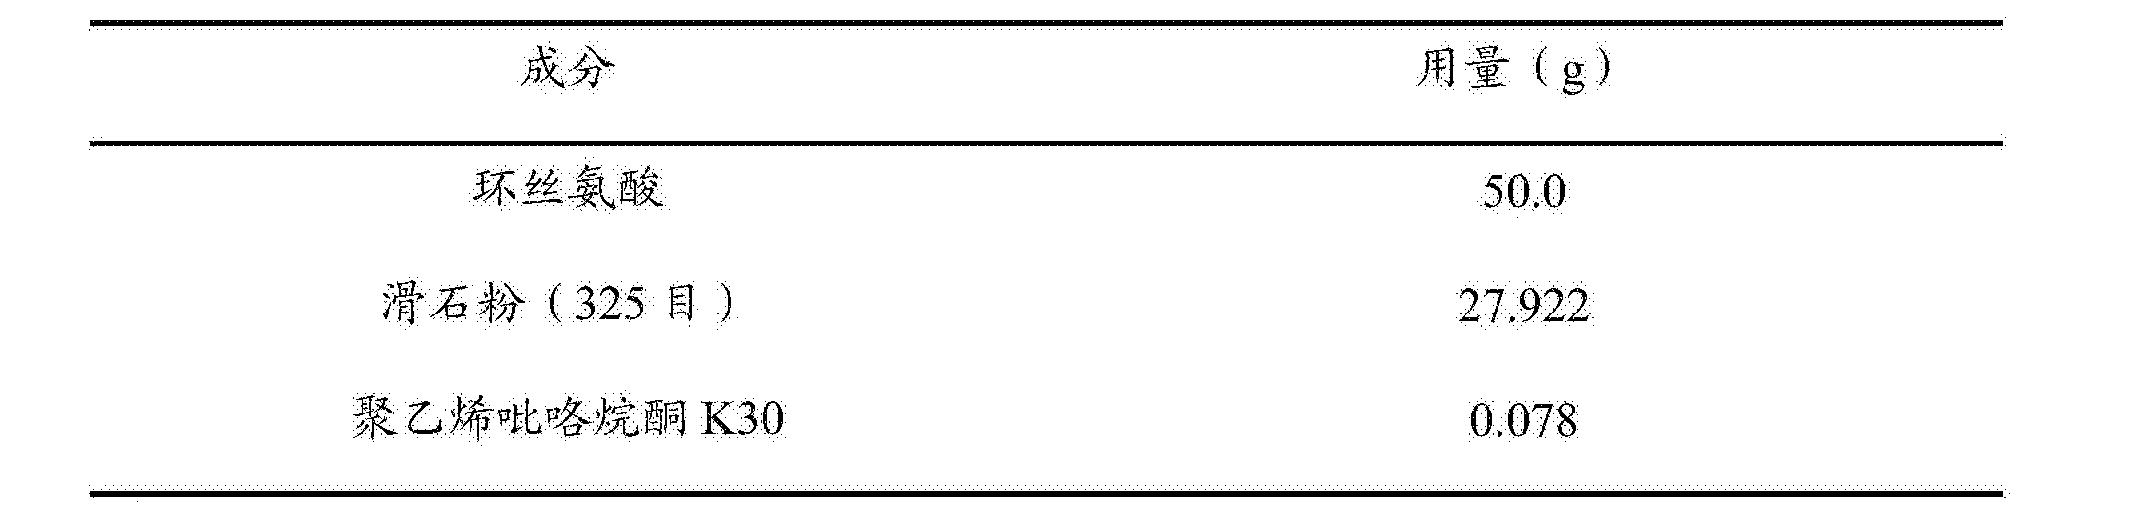 Figure CN105476976BD00132